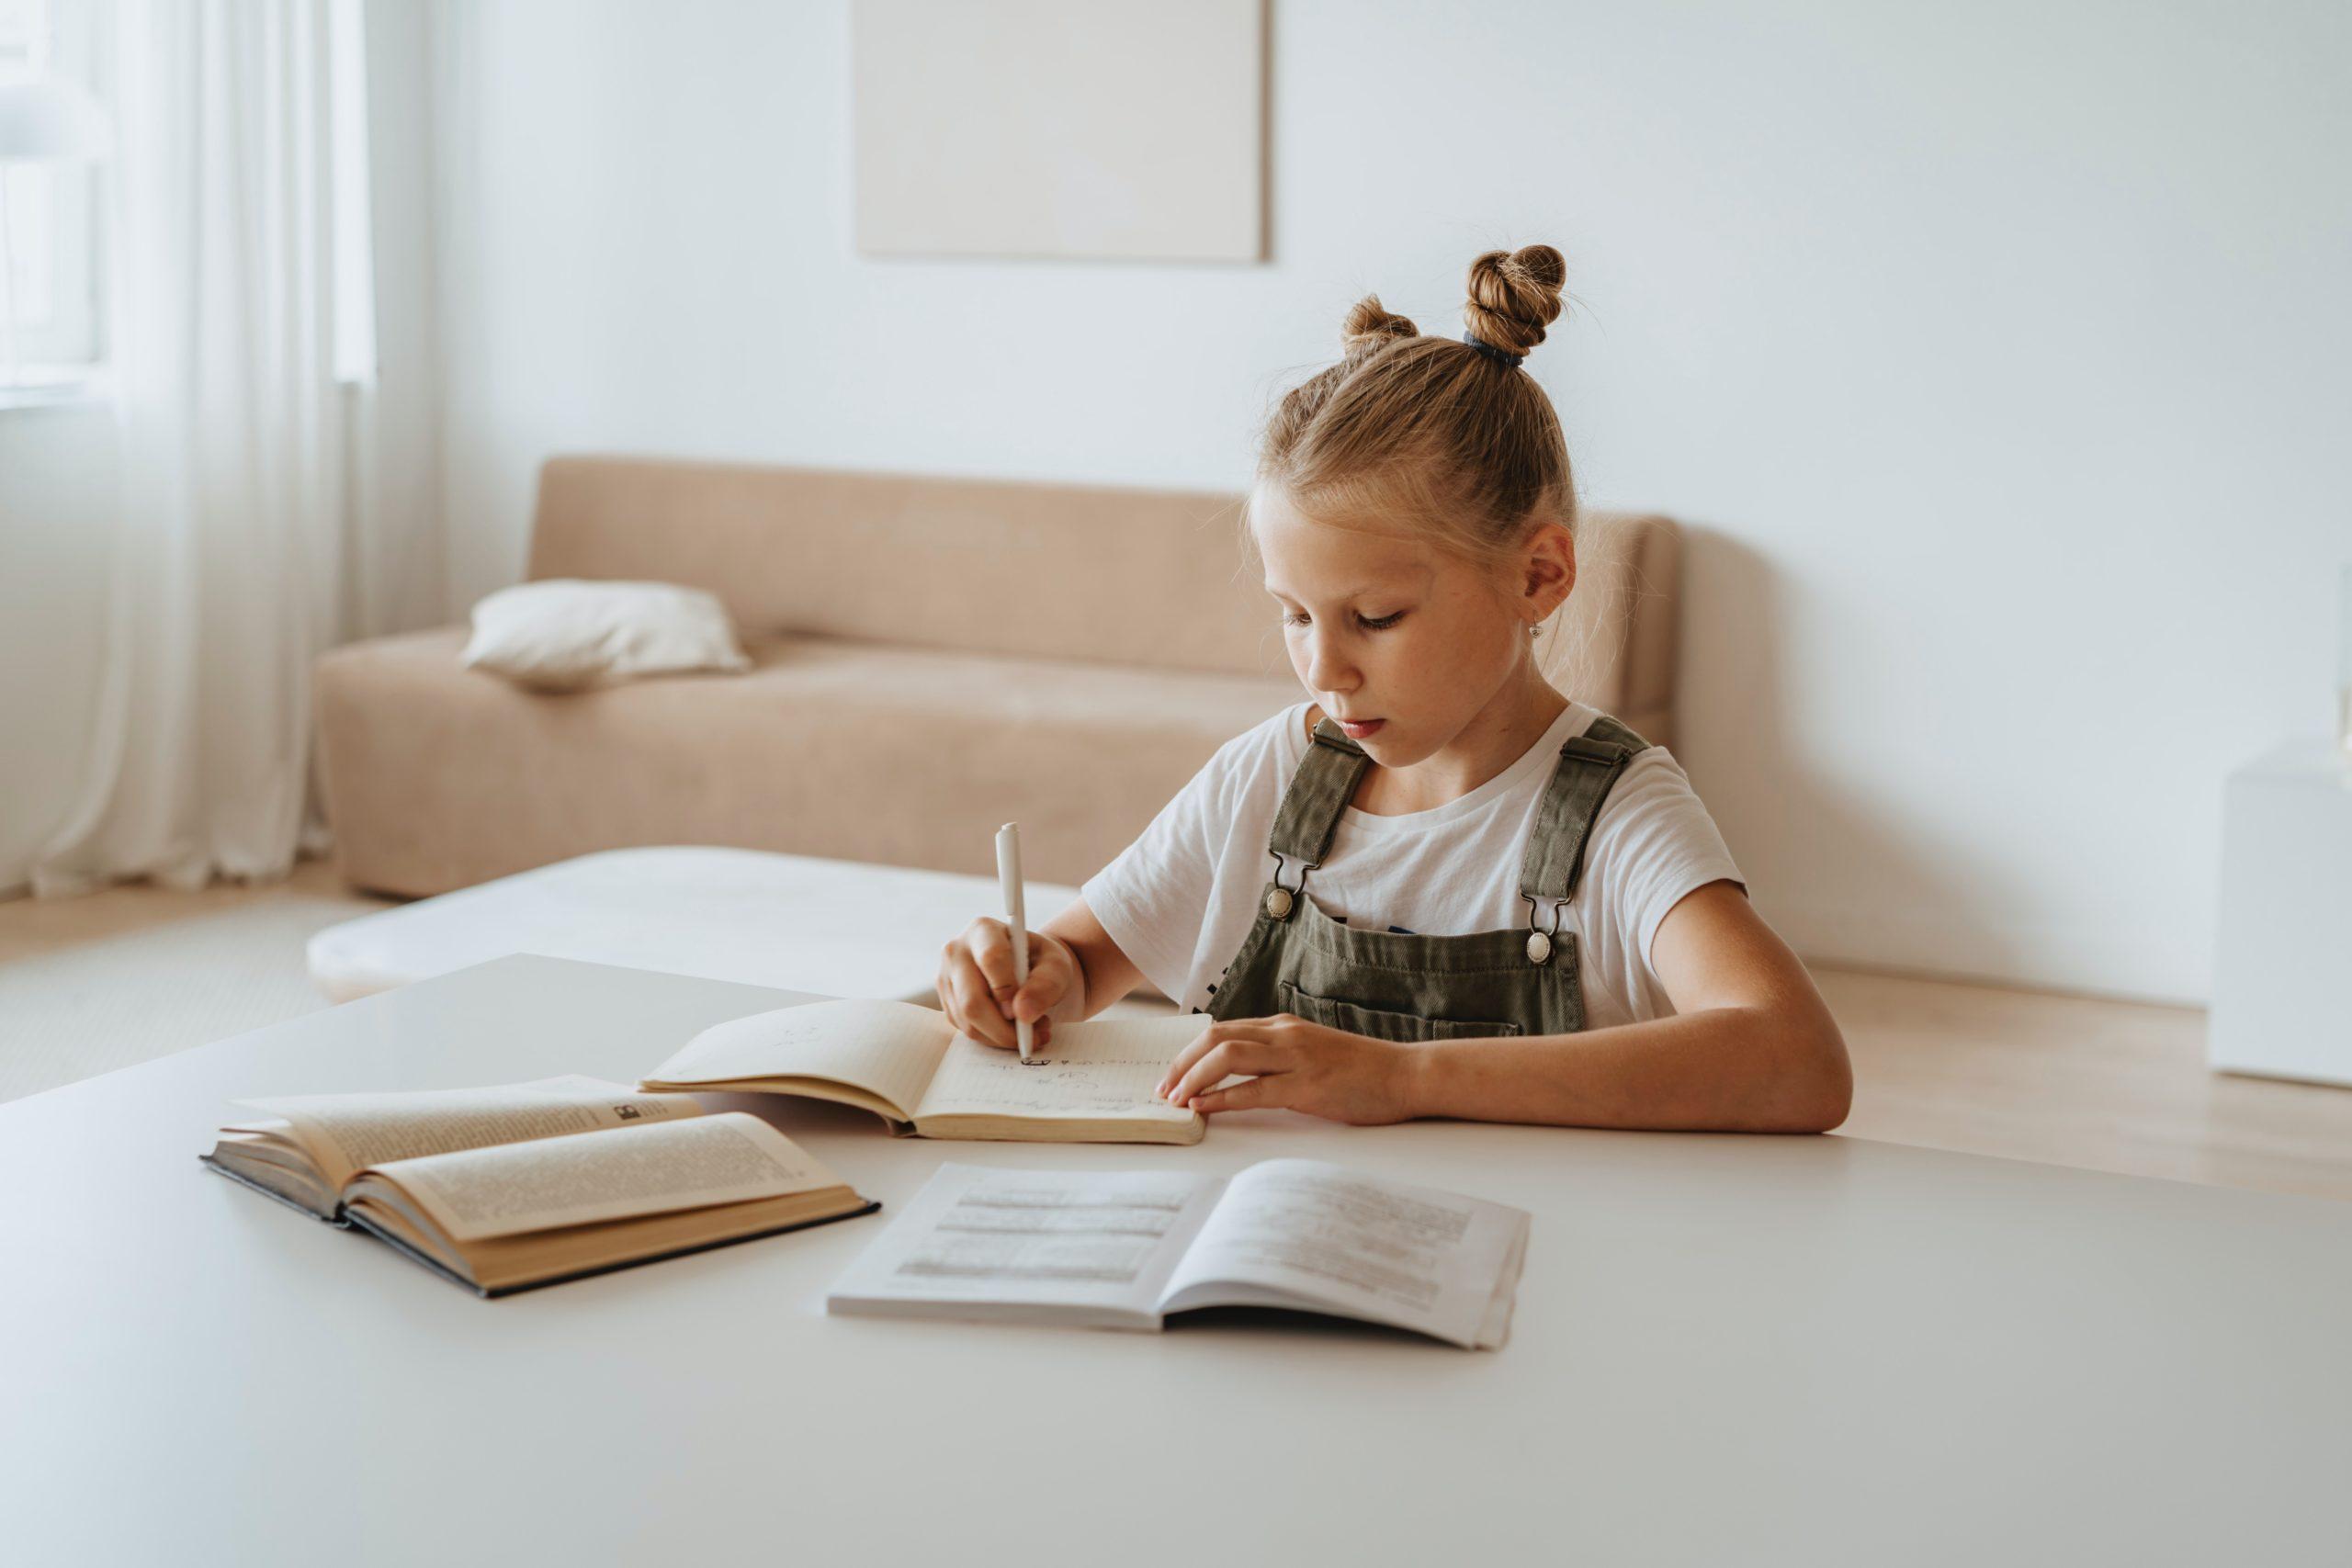 Une fois que l'enfant a pris les bonnes bases et a été formé indirectement par ses parents, l'autonomie dont il a besoin et qu'il aime va prendre le relais et favoriser le développement de la curiosité.